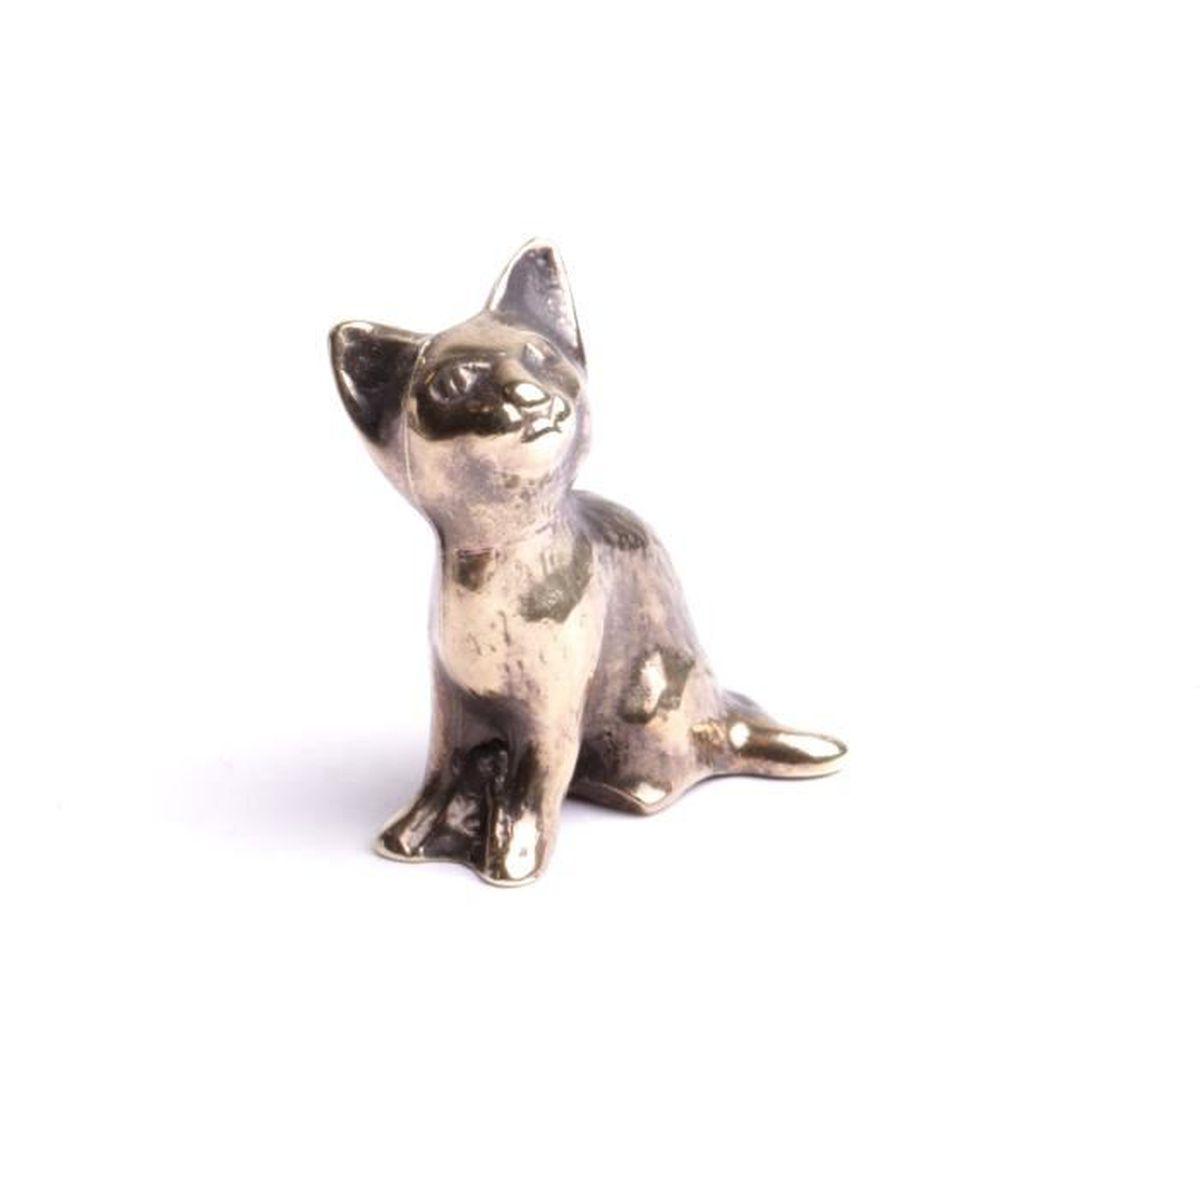 Chat miniature assis collection félins animaux de compagnie figurine  décoration pour collectionneurs objet entièrement fait mains.